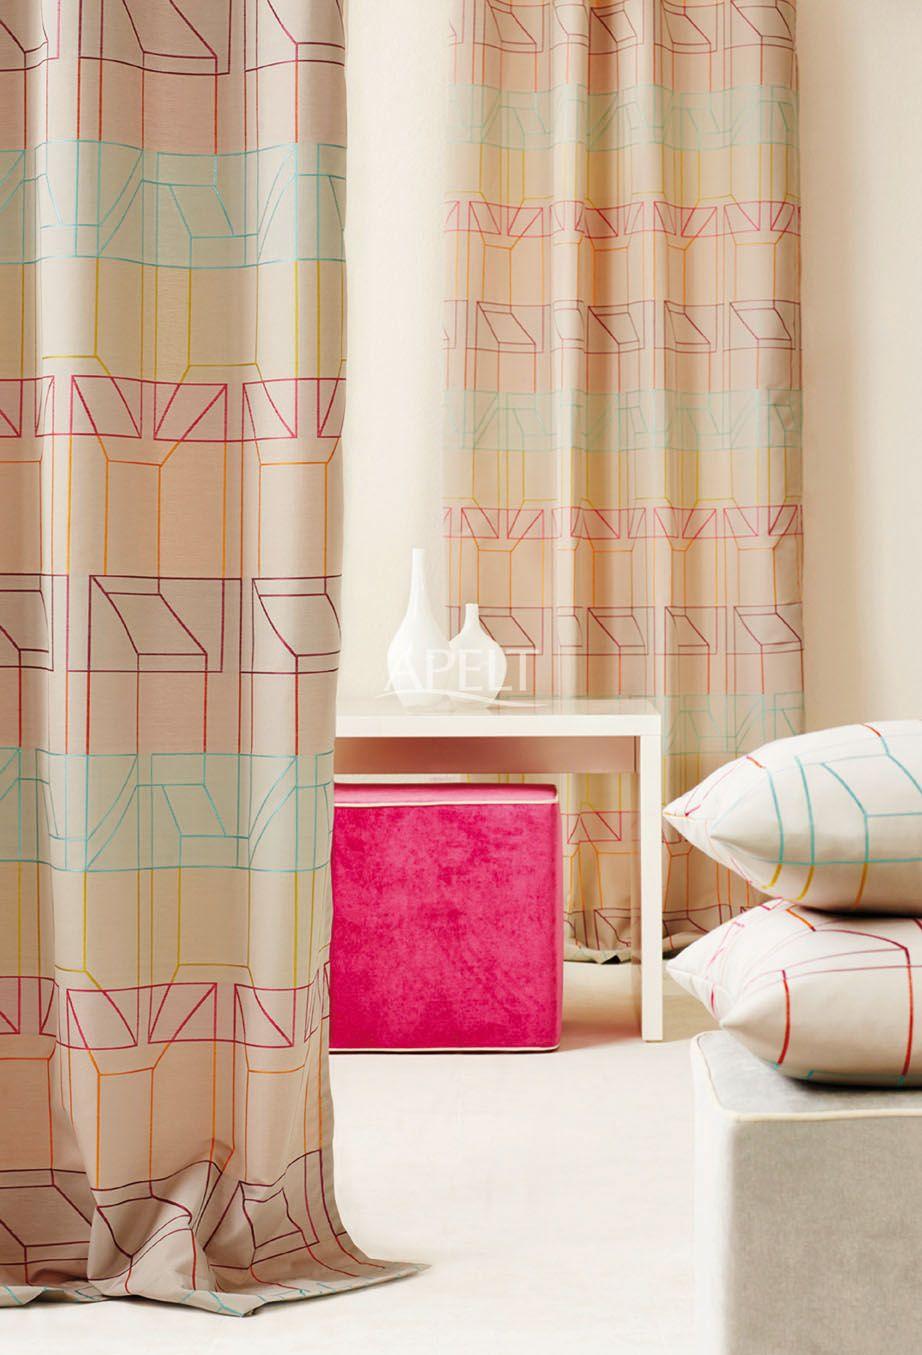 Farbakzente im Raum - Vorhang und Kissen CANON, Sitzwürfel TAHITI von Apelt